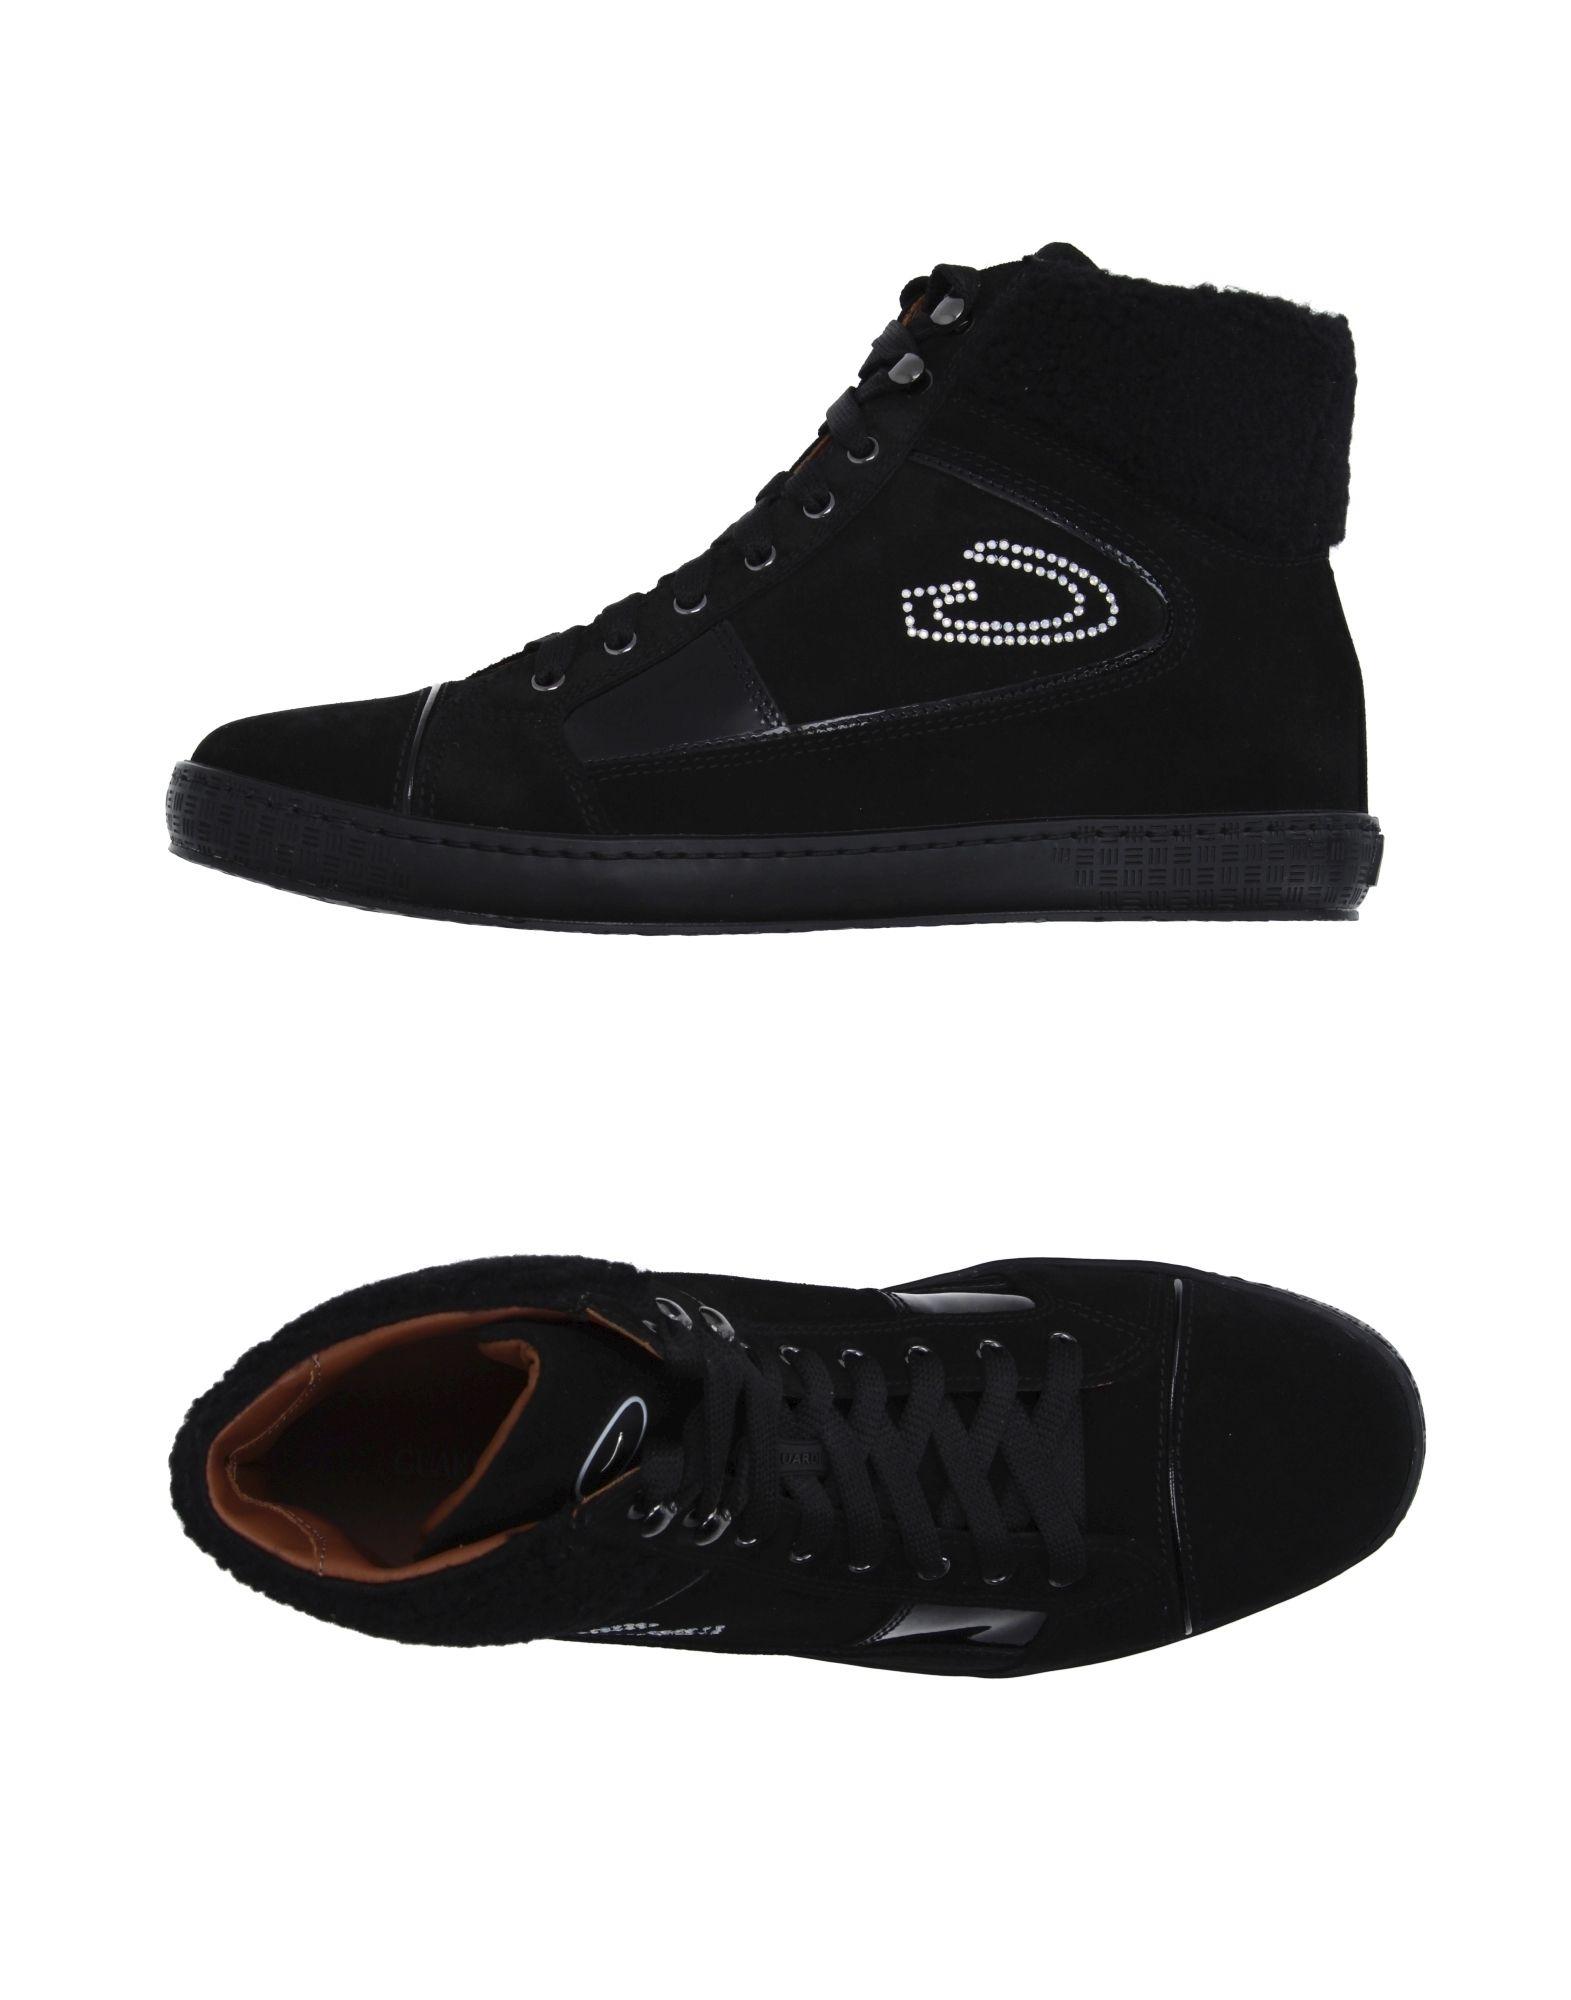 ALBERTO GUARDIANI Высокие кеды и кроссовки кеды кроссовки высокие dc council mid tx stone camo